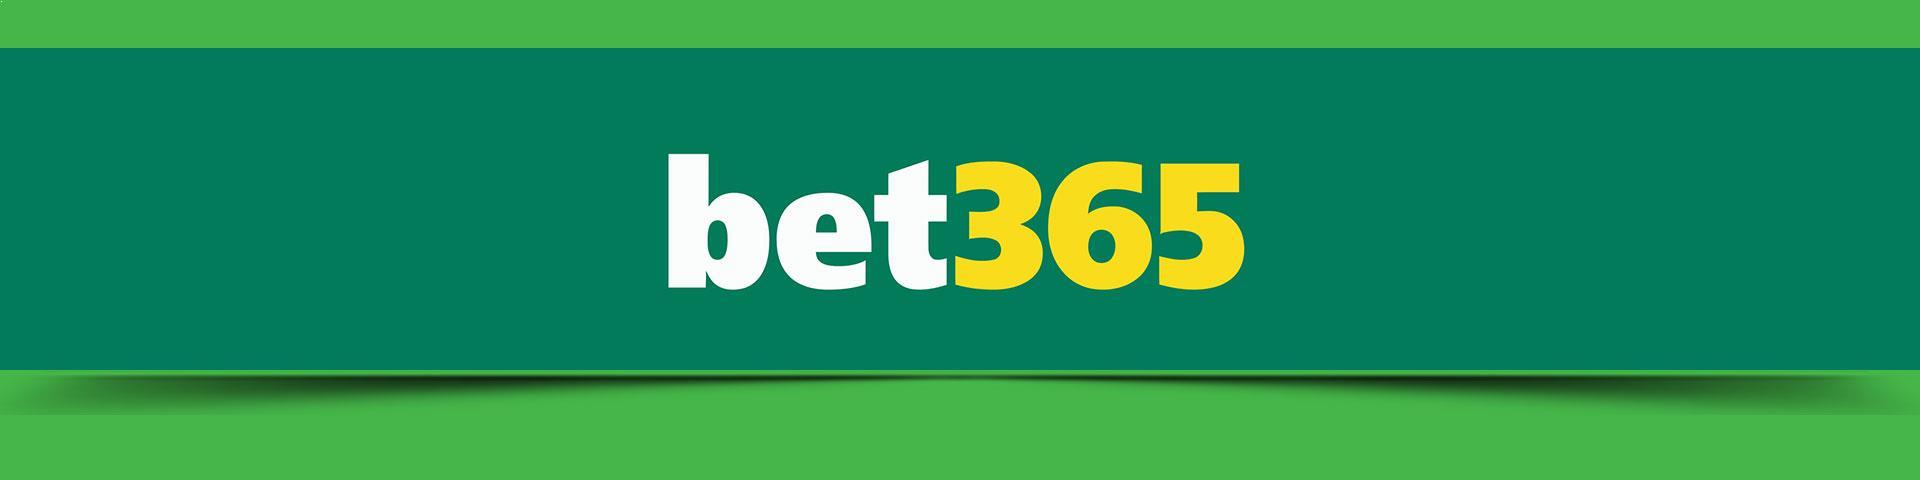 bet365 casino multabafta slider D2